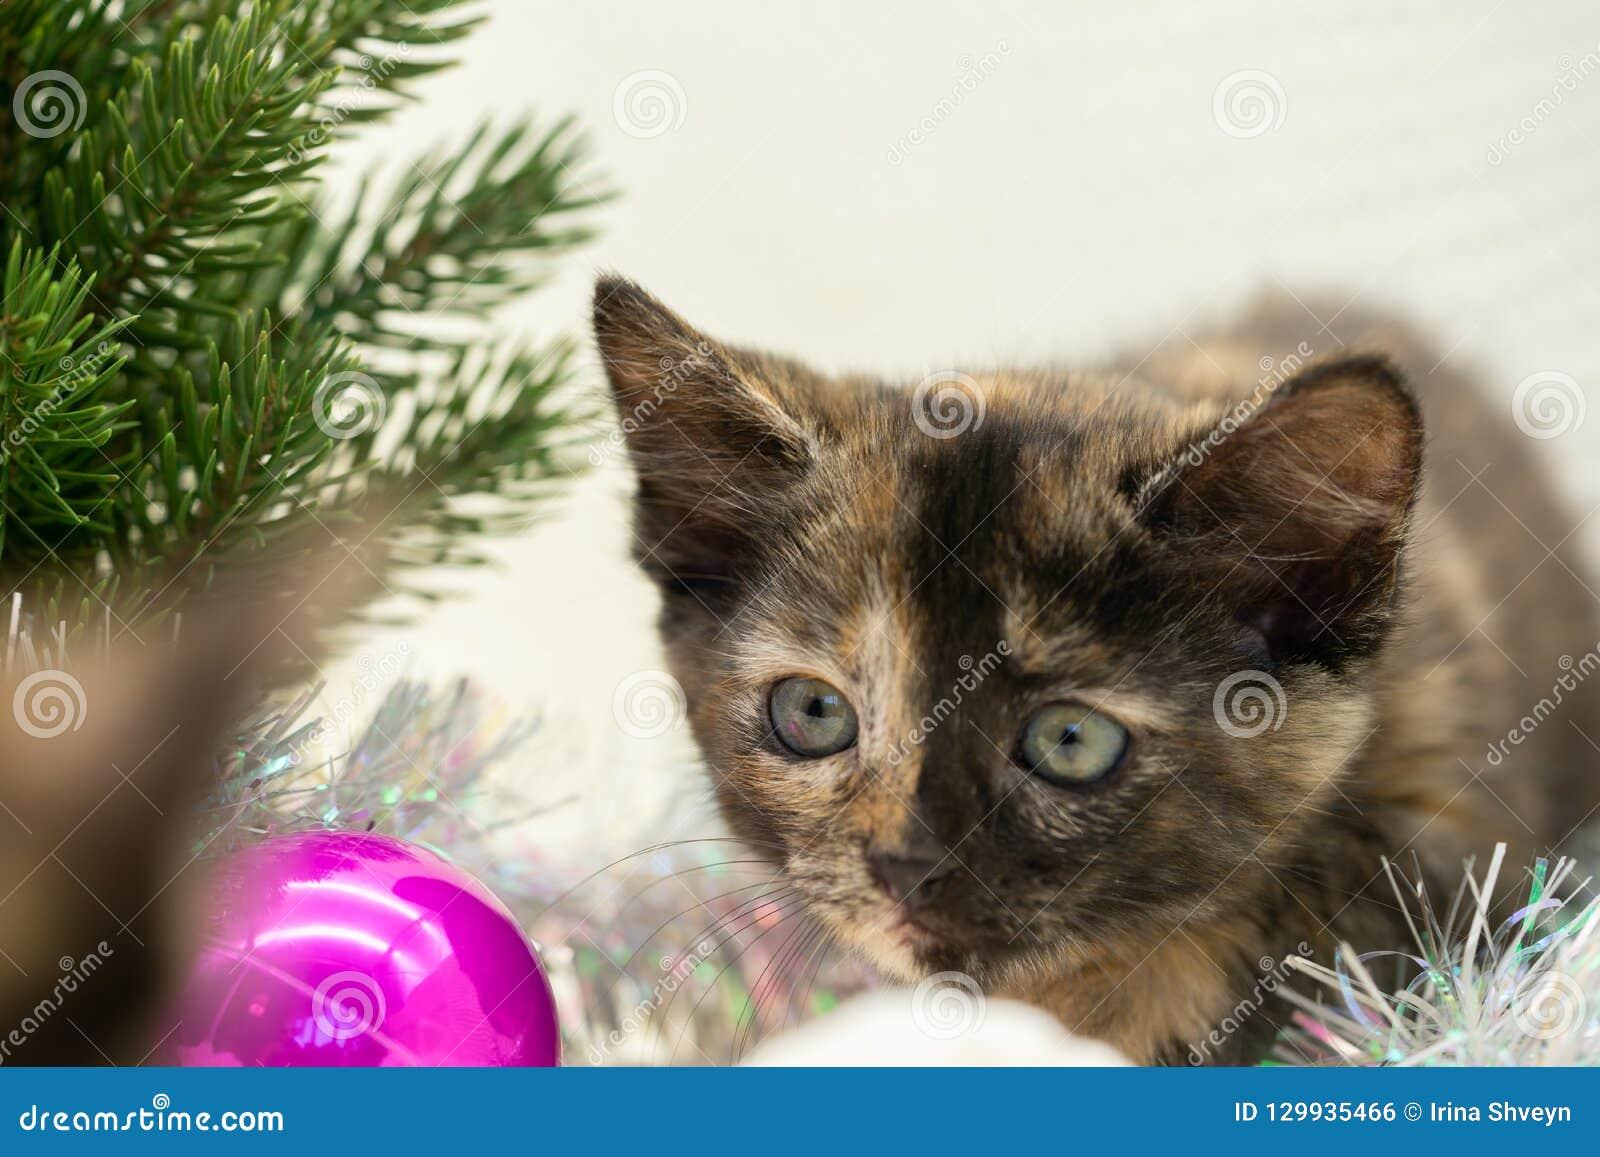 Little tricolor kitten hunts near the New Year tree